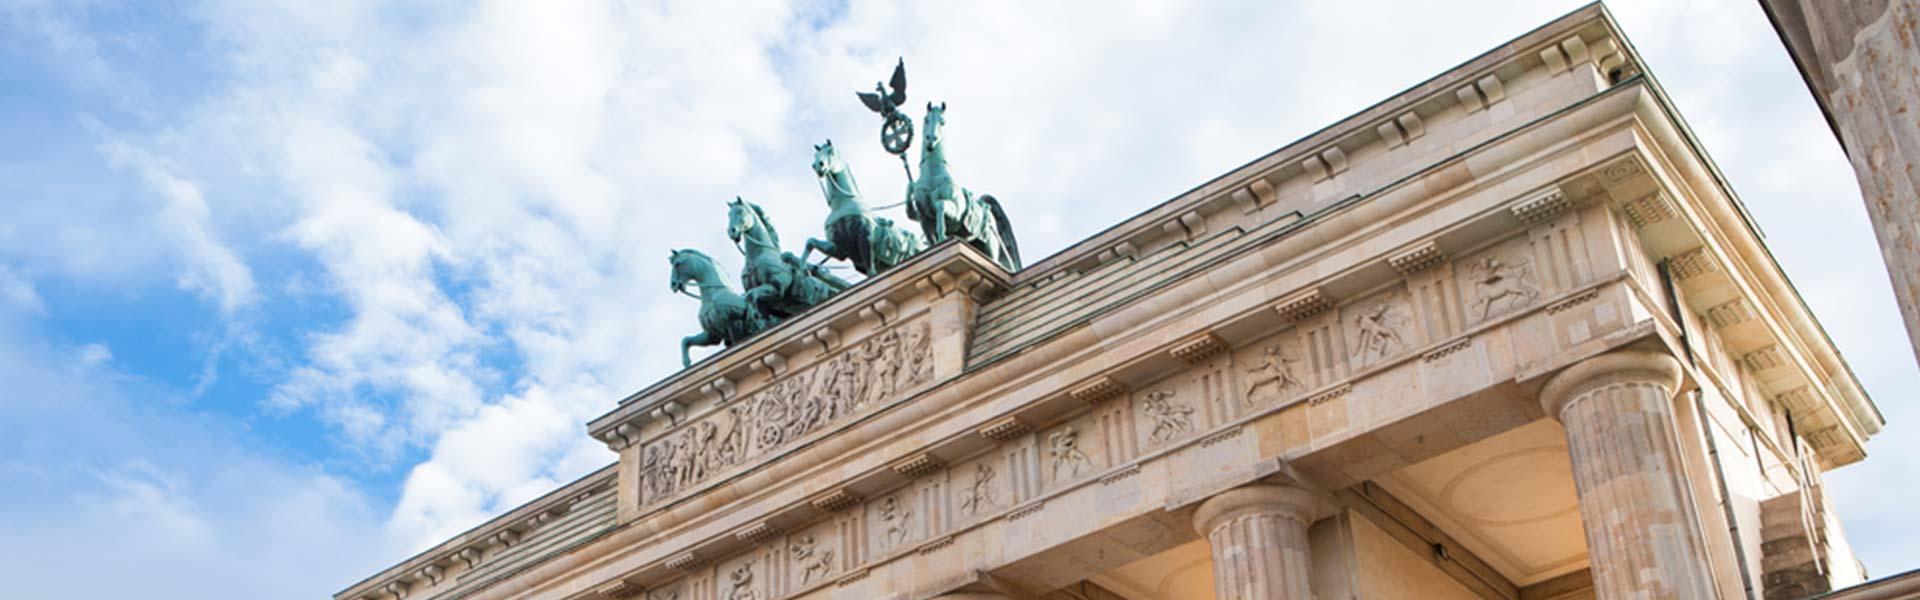 Büromöbel leasen - Büromöbel Schandert Berlin: